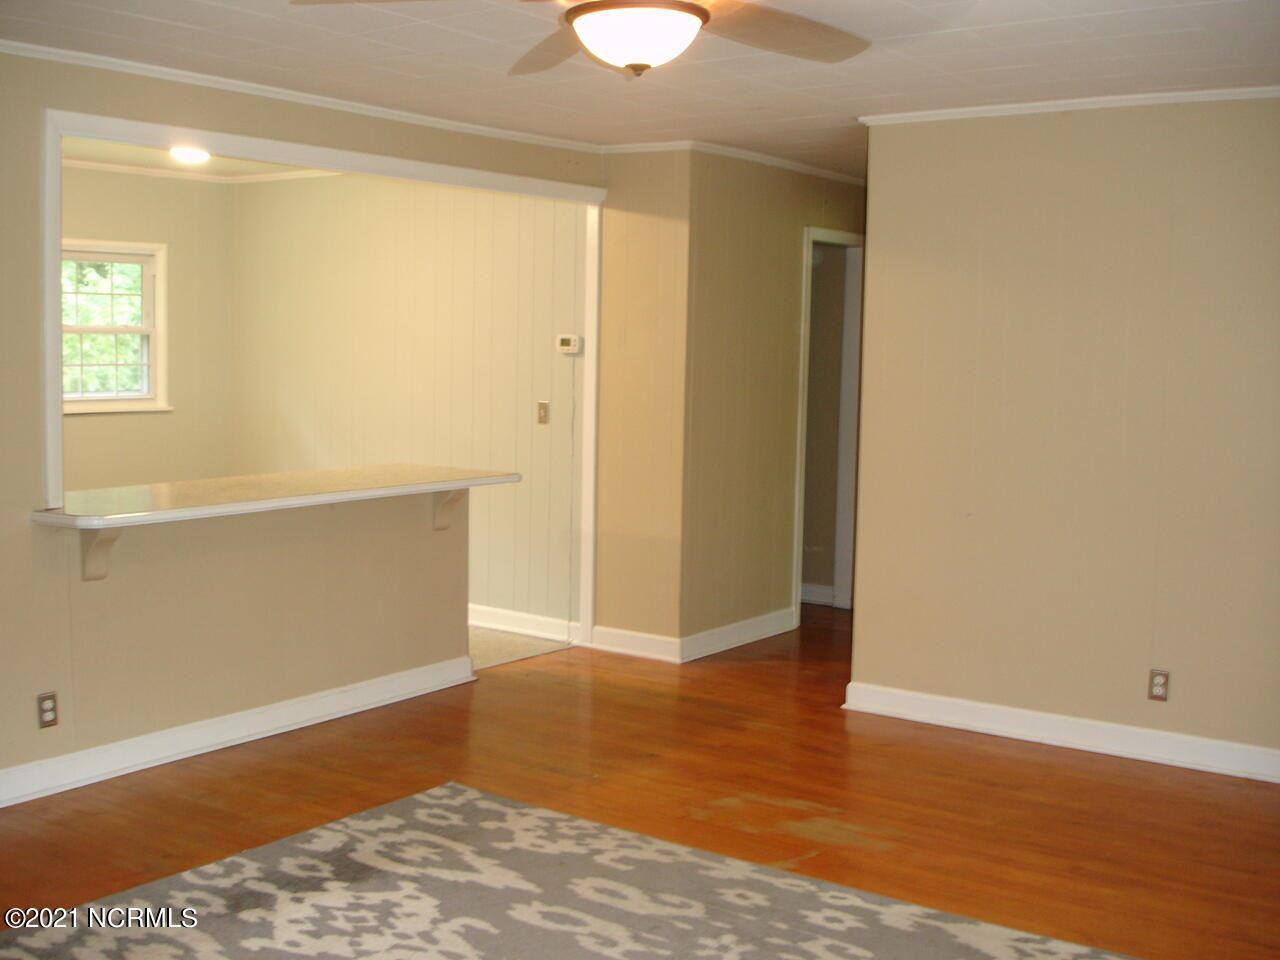 Photo of 212 Stadiem Drive, New Bern, NC 28560 (MLS # 100291924)